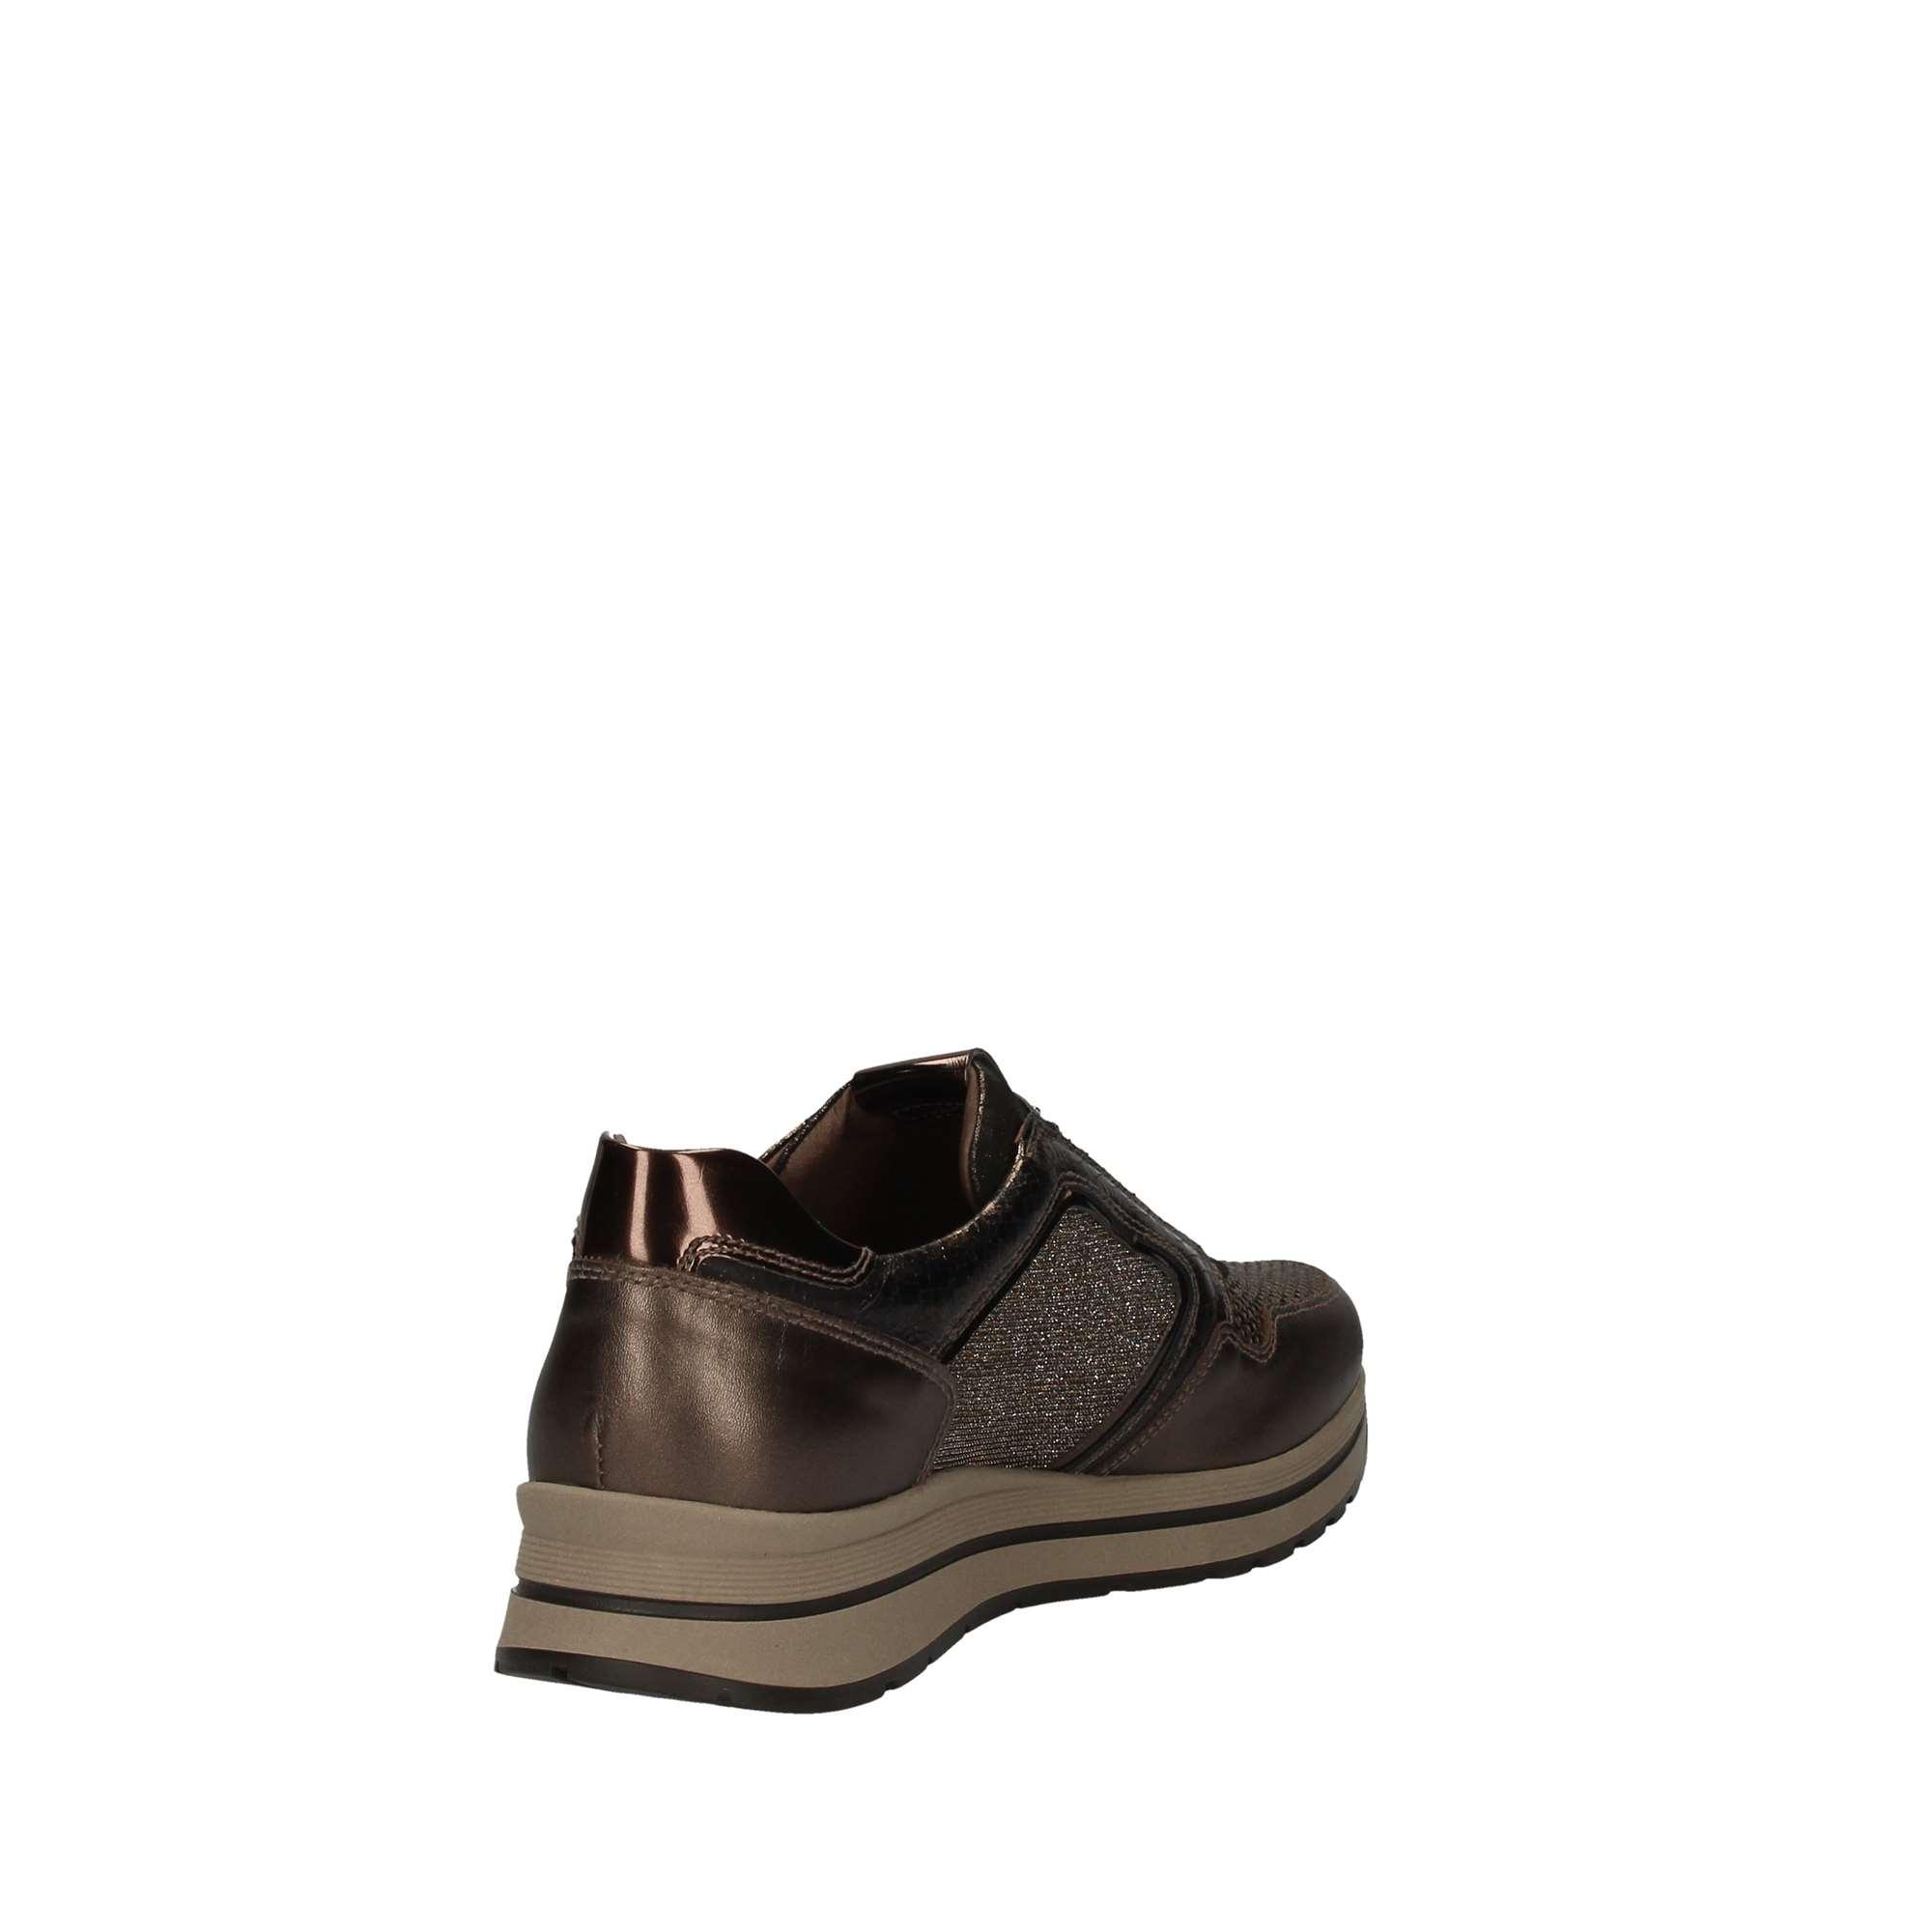 NERO GIARDINI A806413D scarpe da ginnastica Donna Donna Donna Autunno Inverno 5e9df2